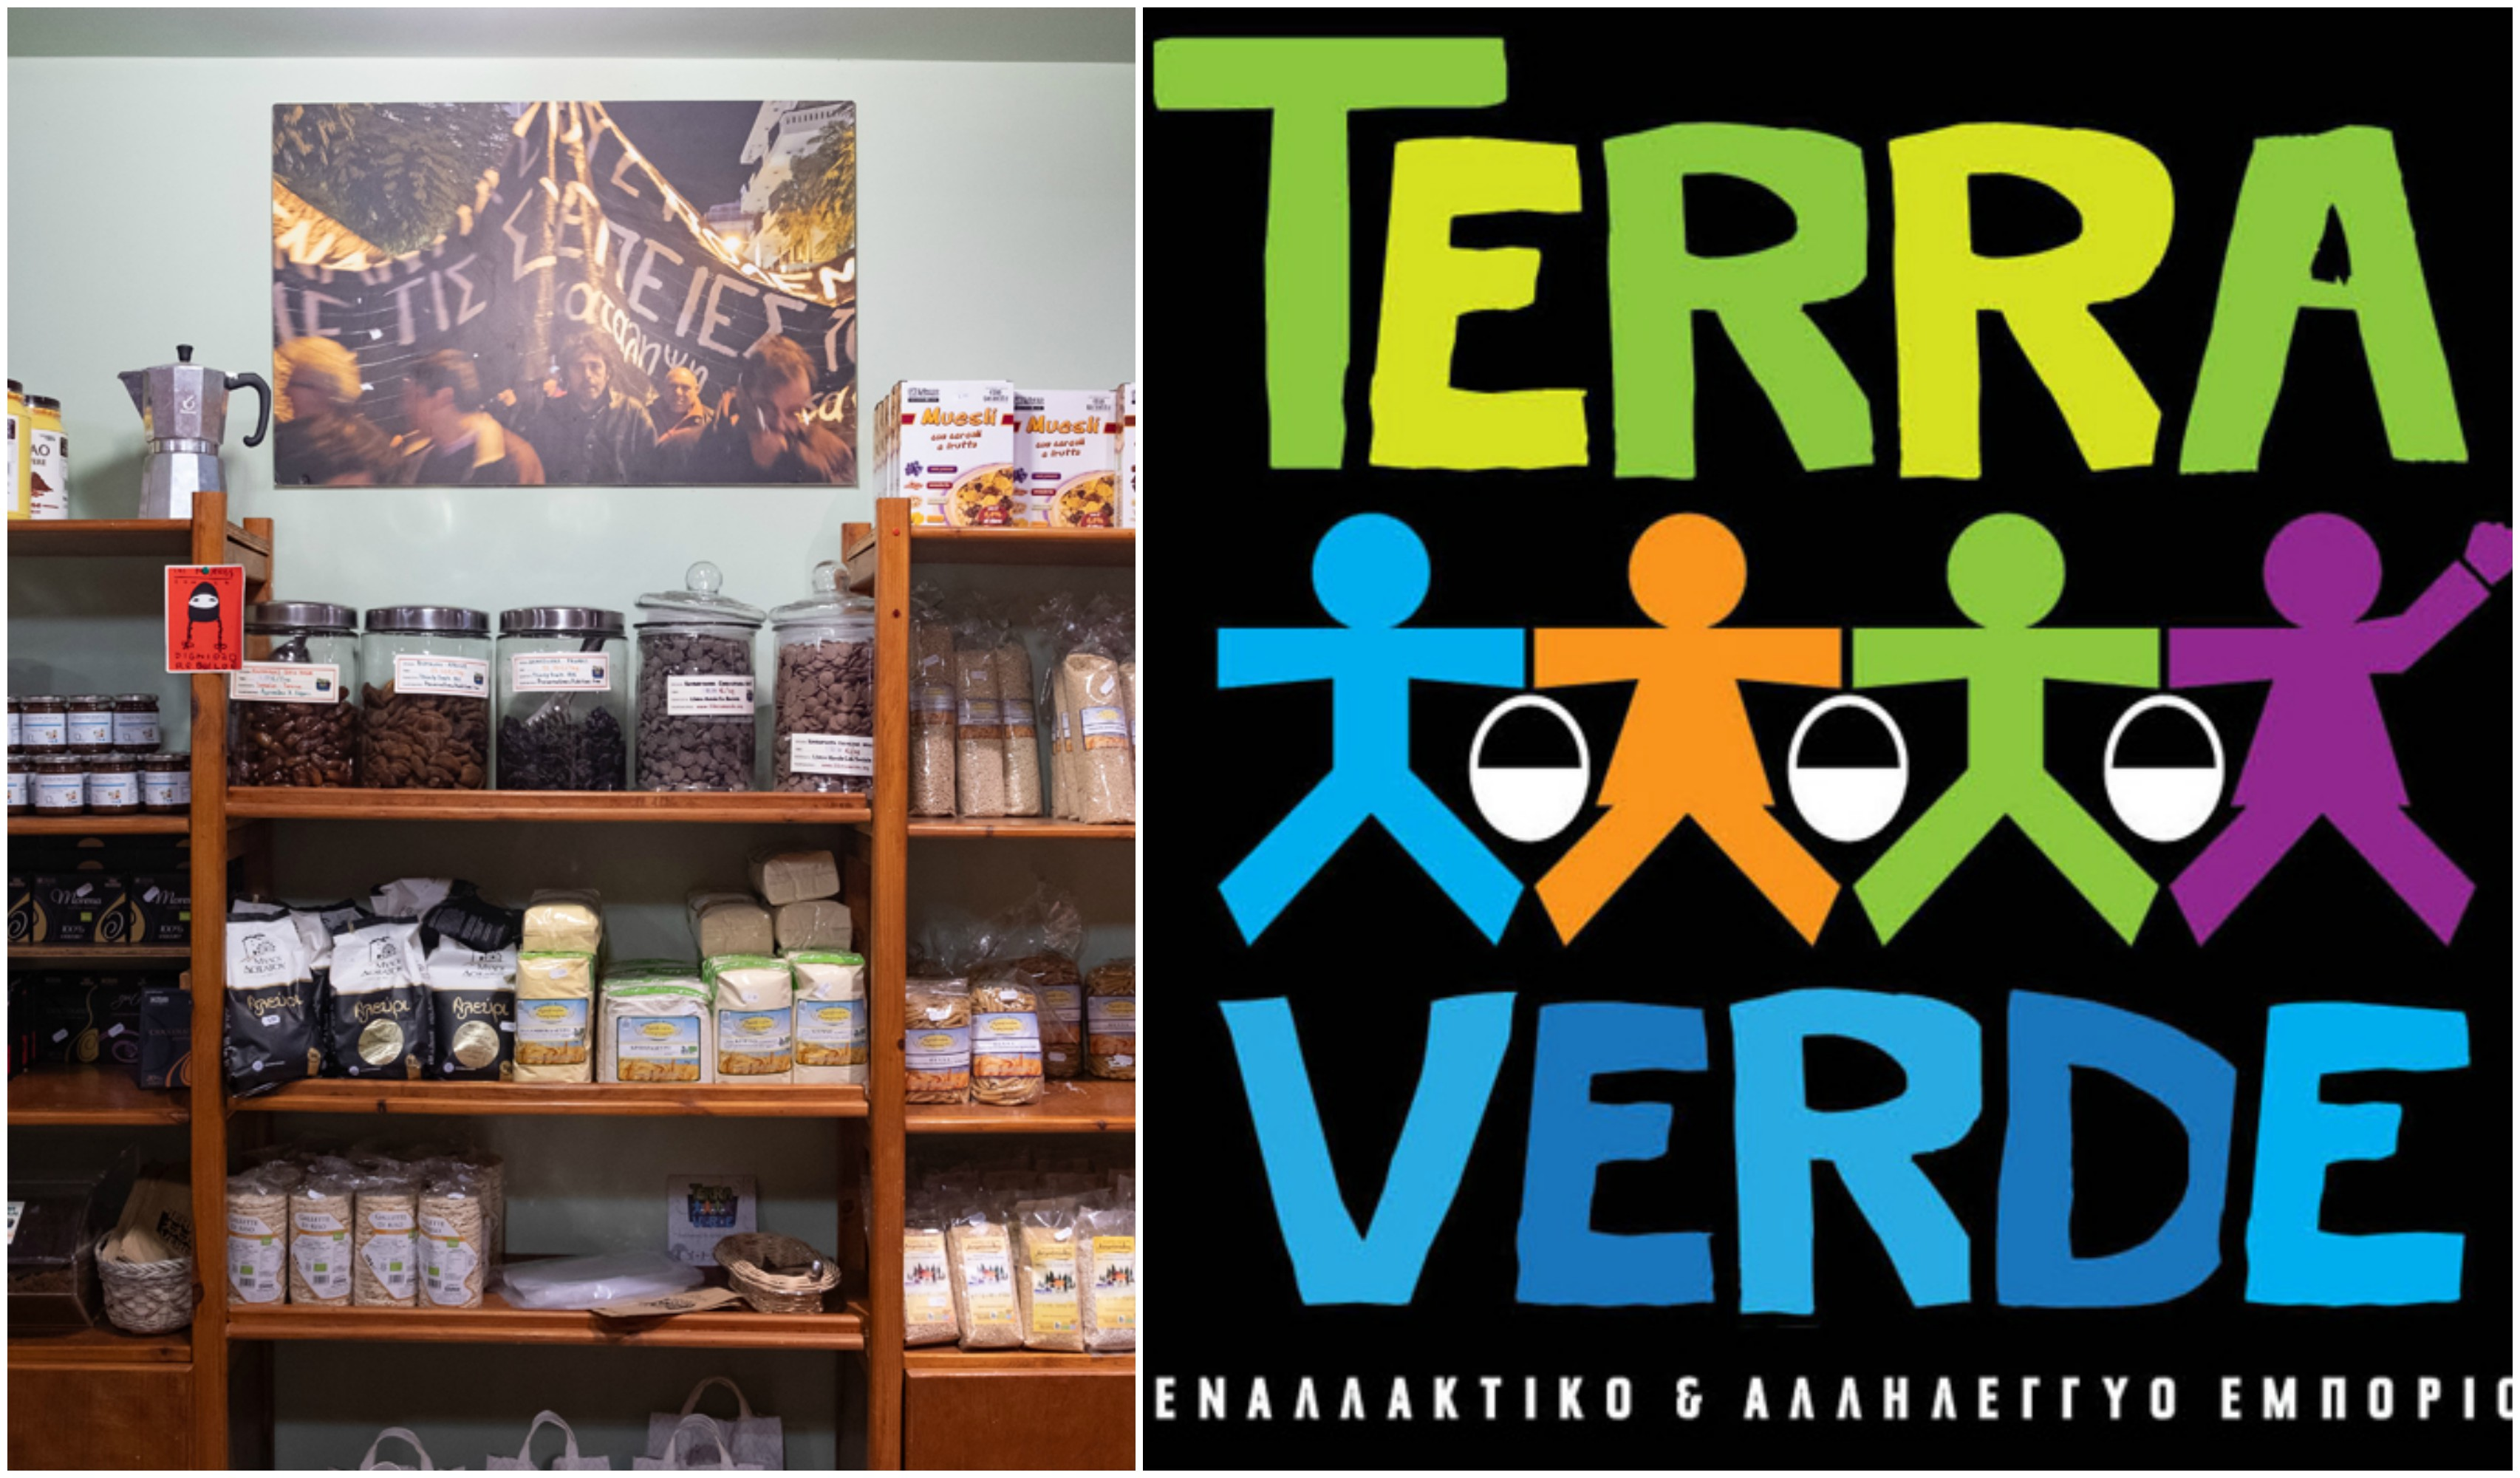 Παρουσία πολλών Χανιωτών το τελευταίο καφενείο της συλλογικότητας εναλλακτικού εμπορίου Terra Verde | Φωτός